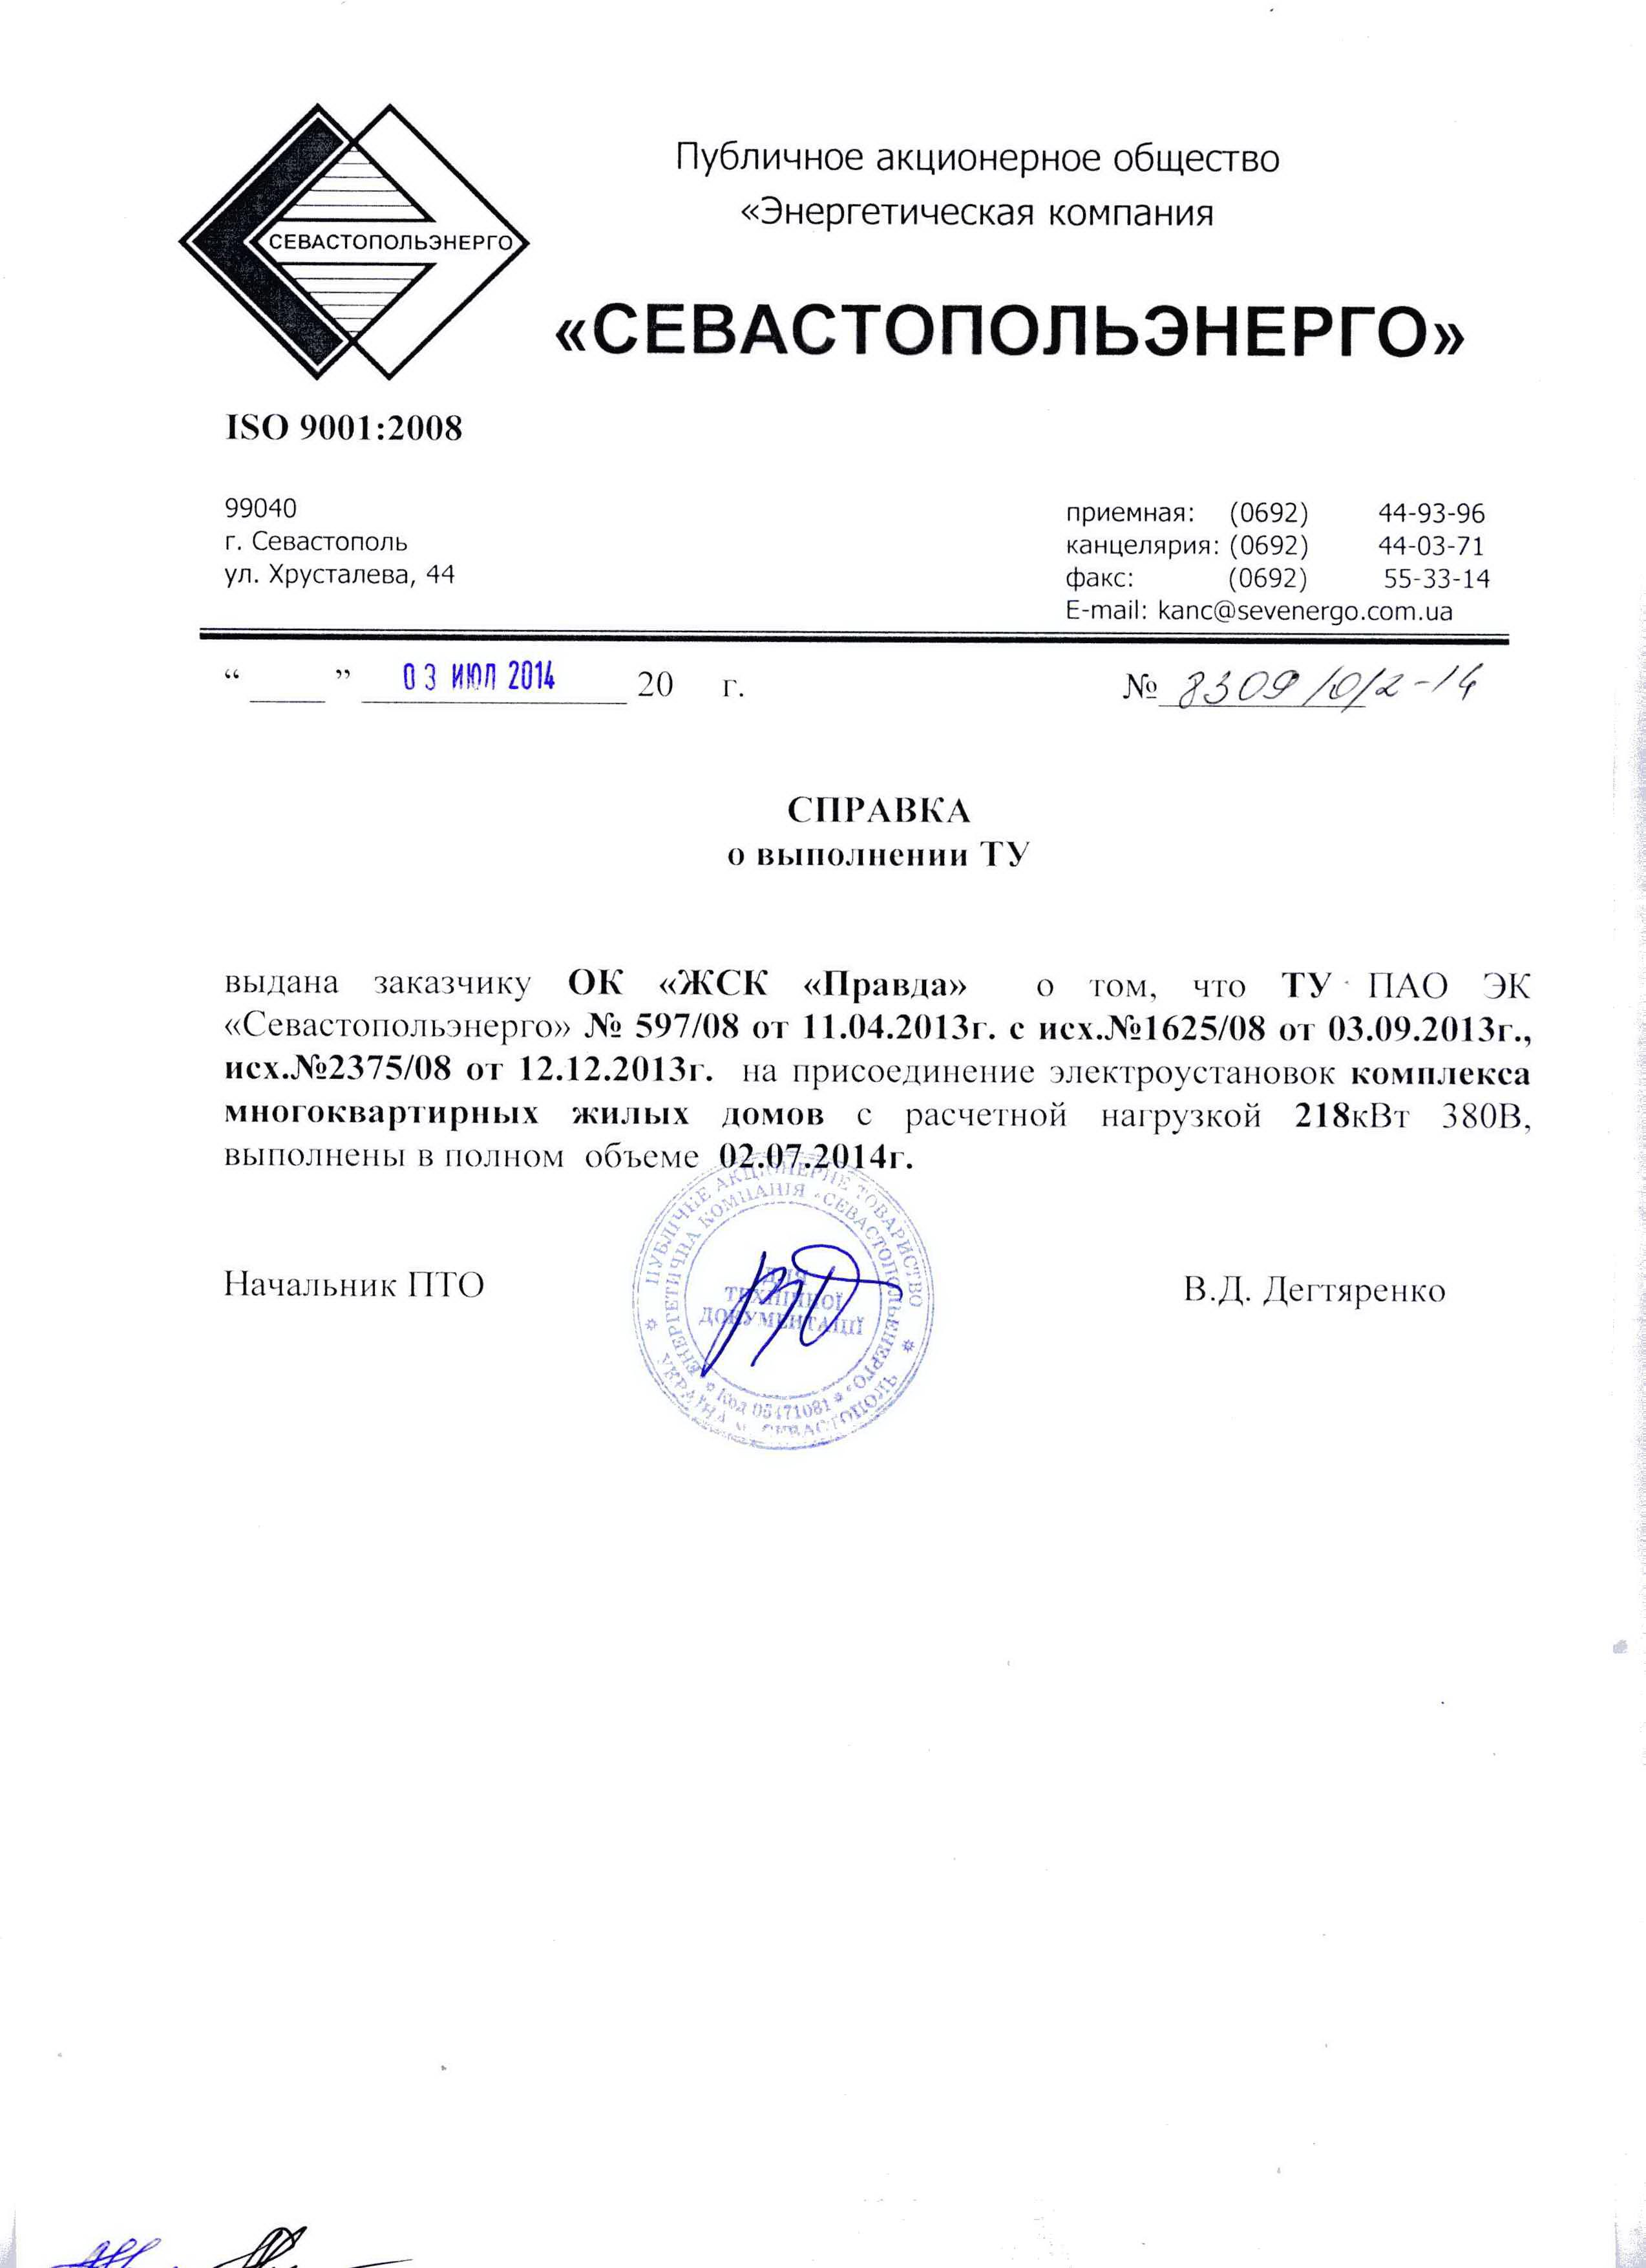 Заявление о внесении изменений в сведения о юридическом лице - fadd1